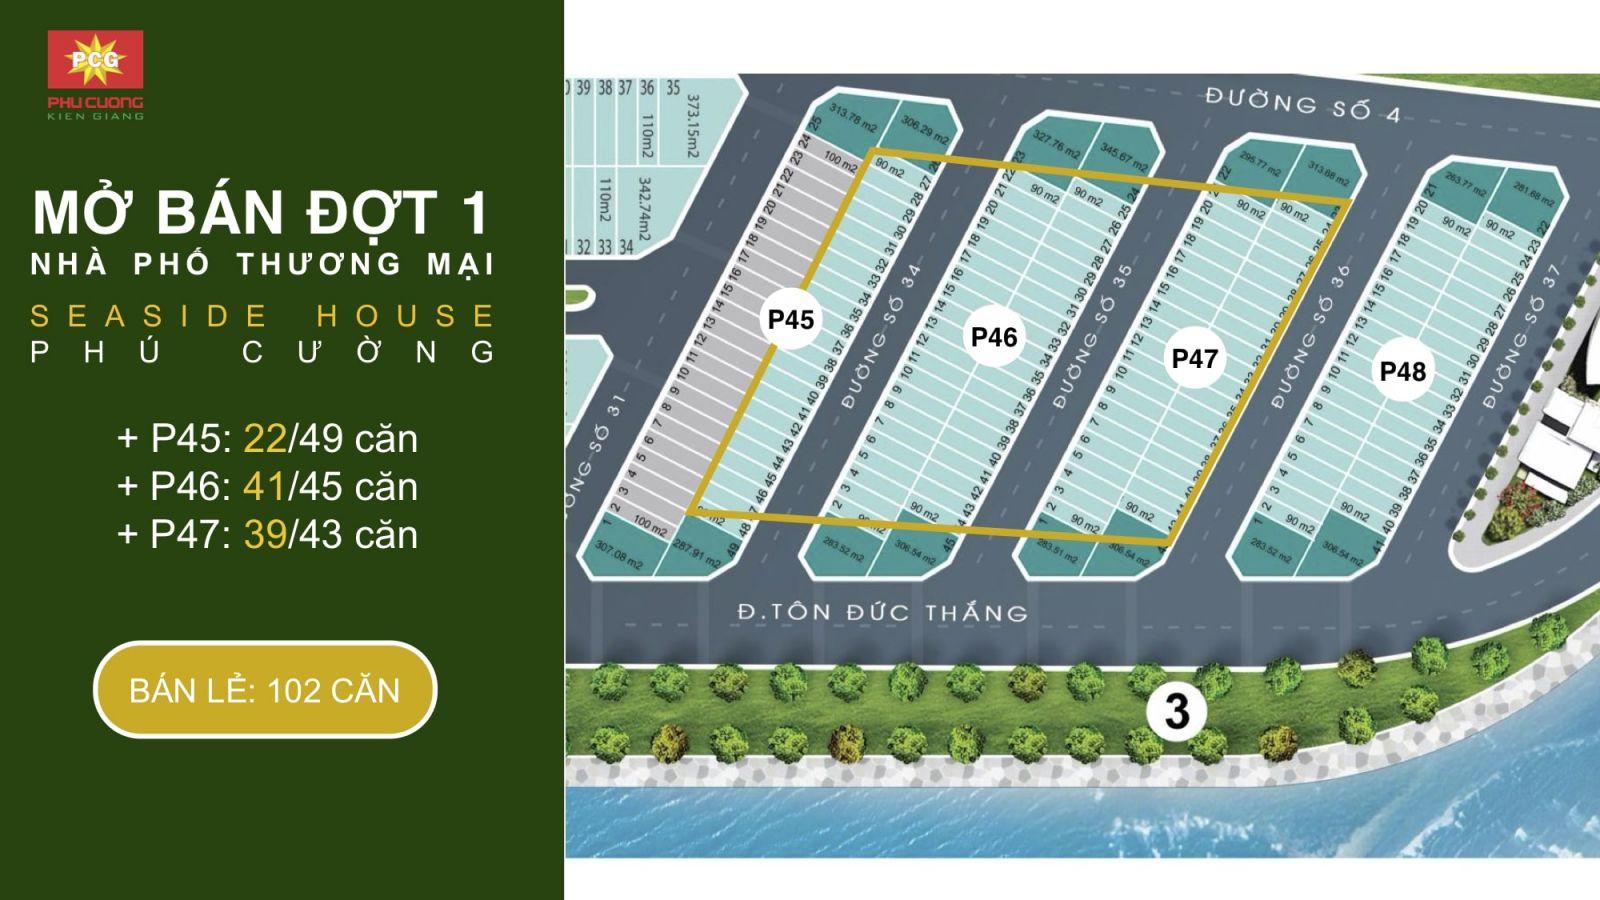 Bán nhà P48 KĐT Phú Cường (nhà vị trí đẹp, cơ hội phát triển), Rạch Giá, Kiên Giang